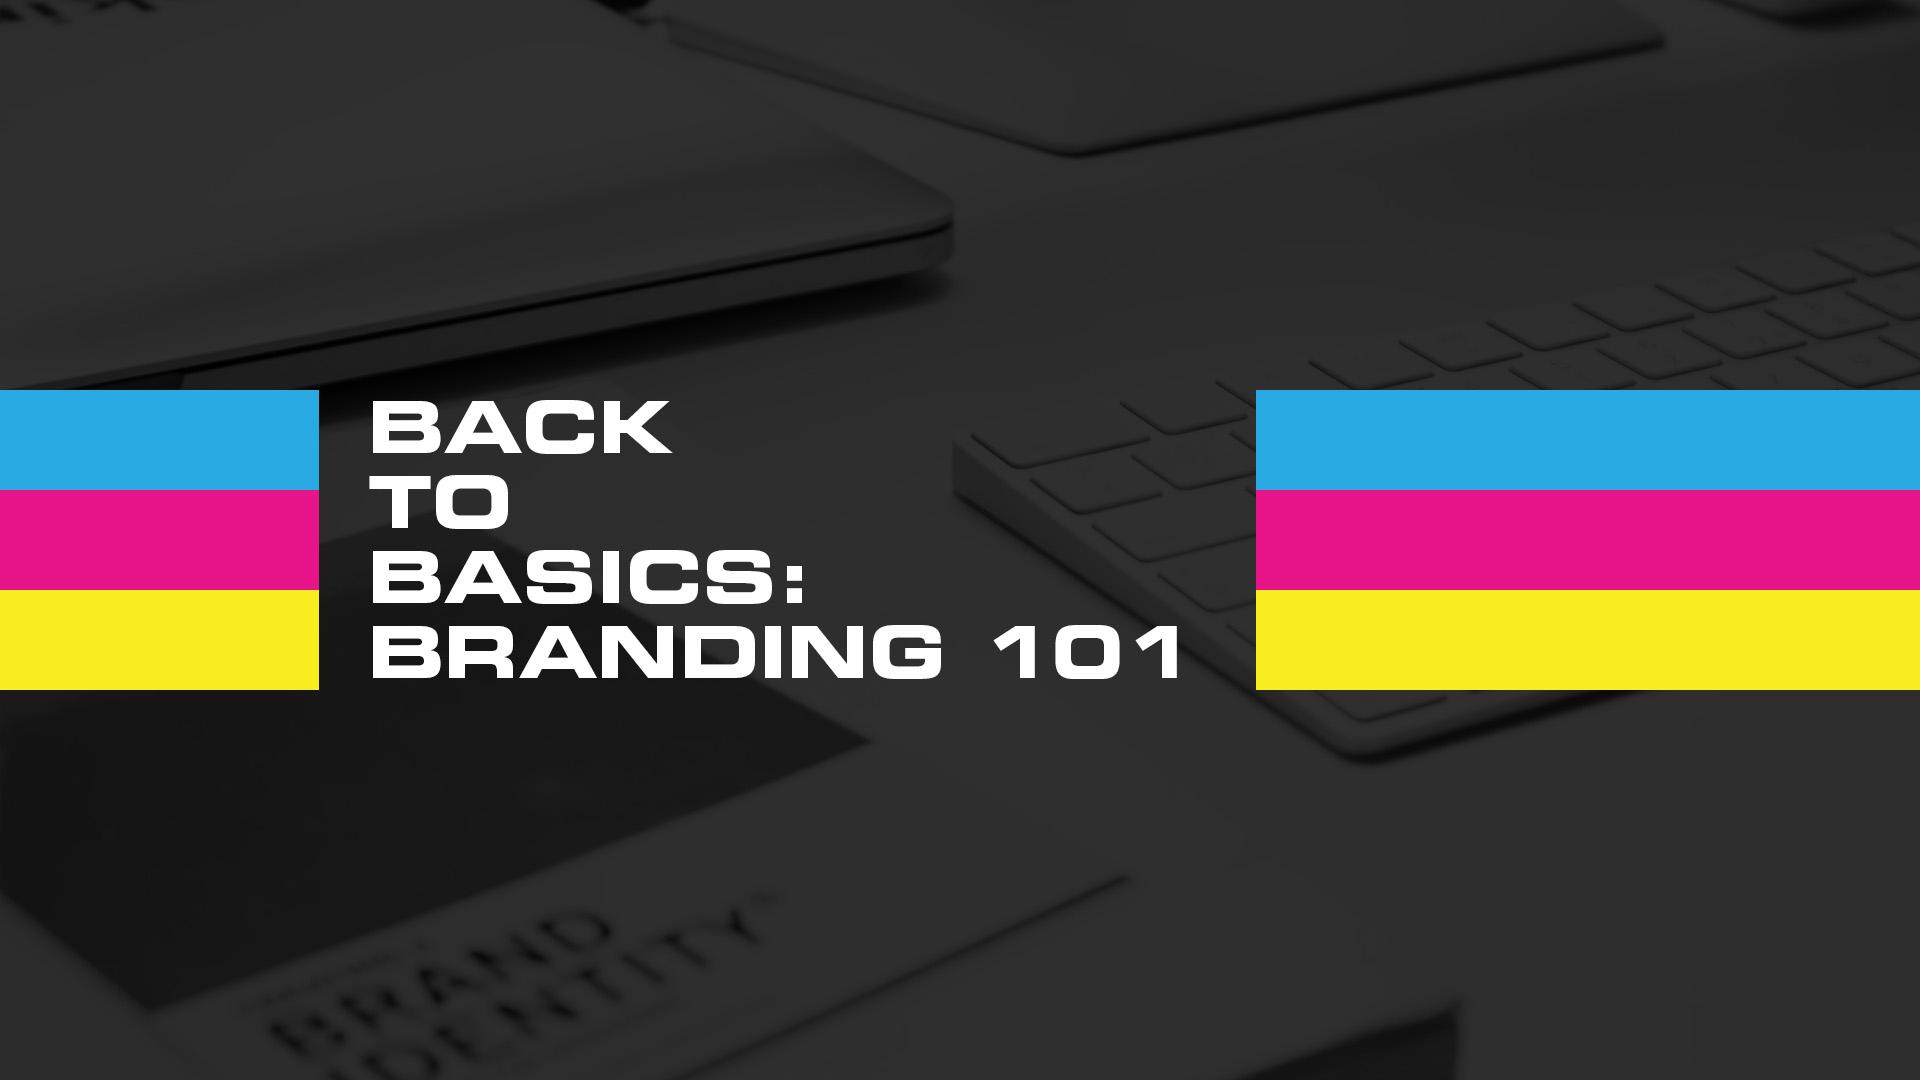 Back to Basics: Brand 101